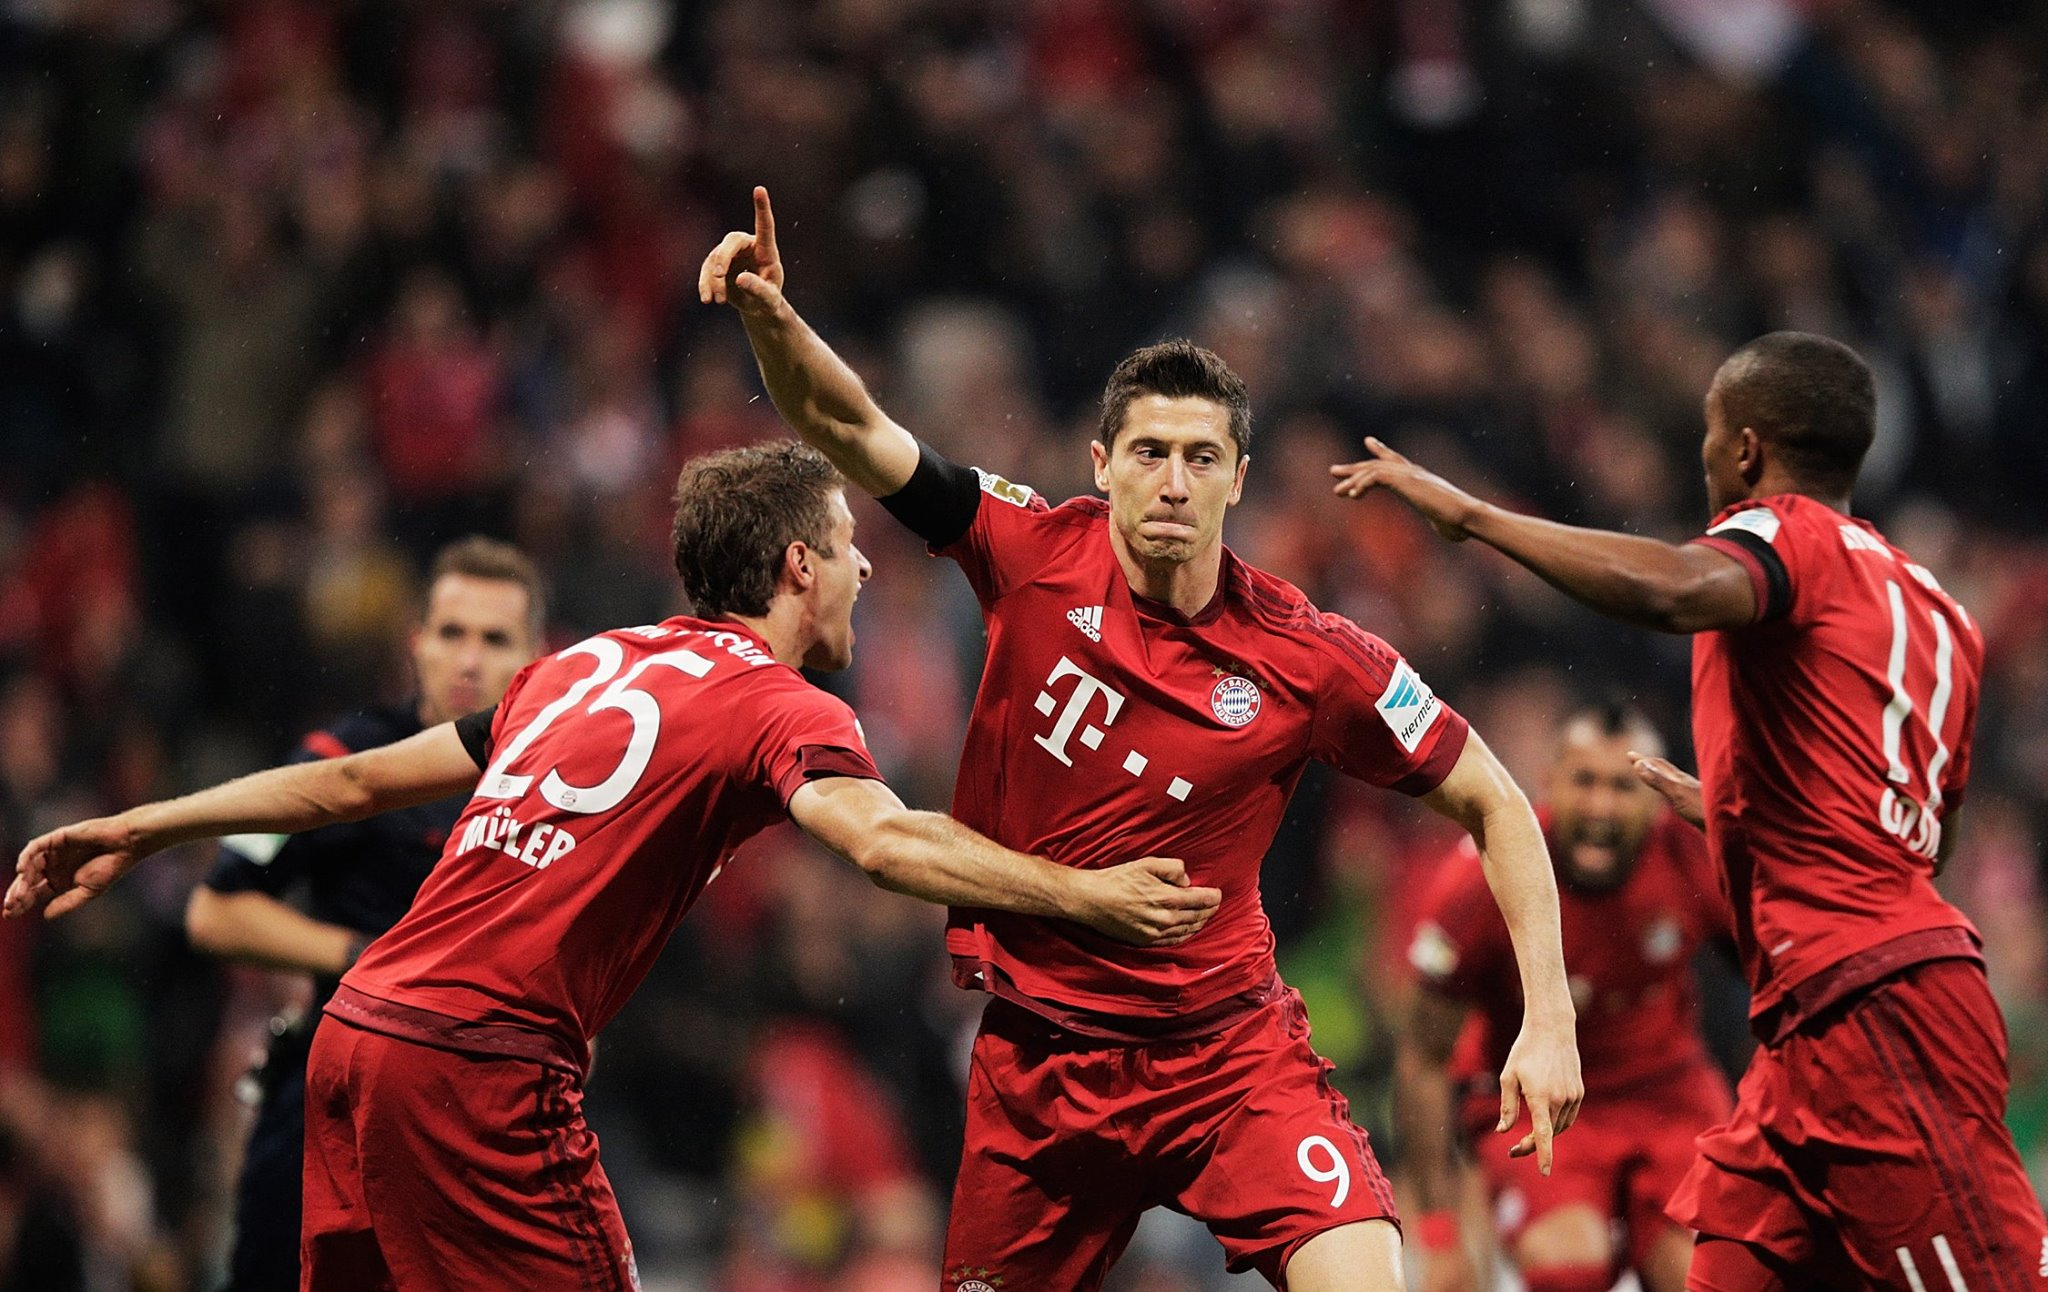 Újabb magabiztos sikert arathat a Bayern München.